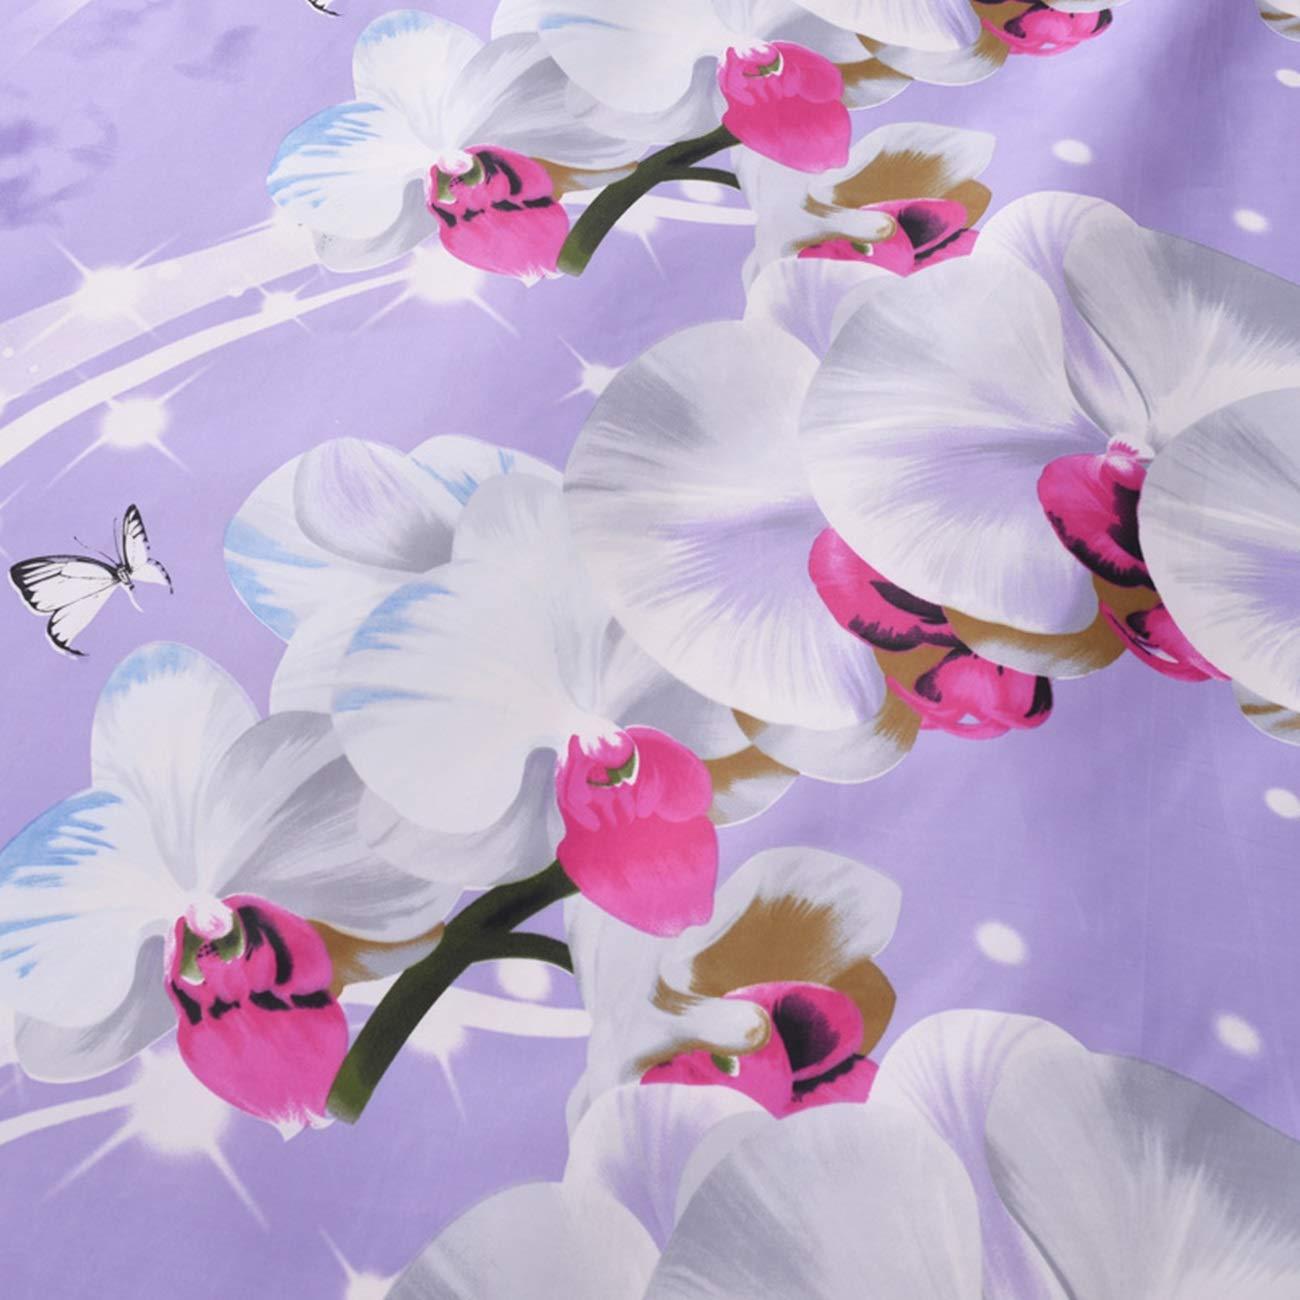 AMDXD Tende da Doccia per Il Bagno Poliestere Tenda da Bagno Viola Farfalla Orchidea Tenda della Doccia 100X200CM